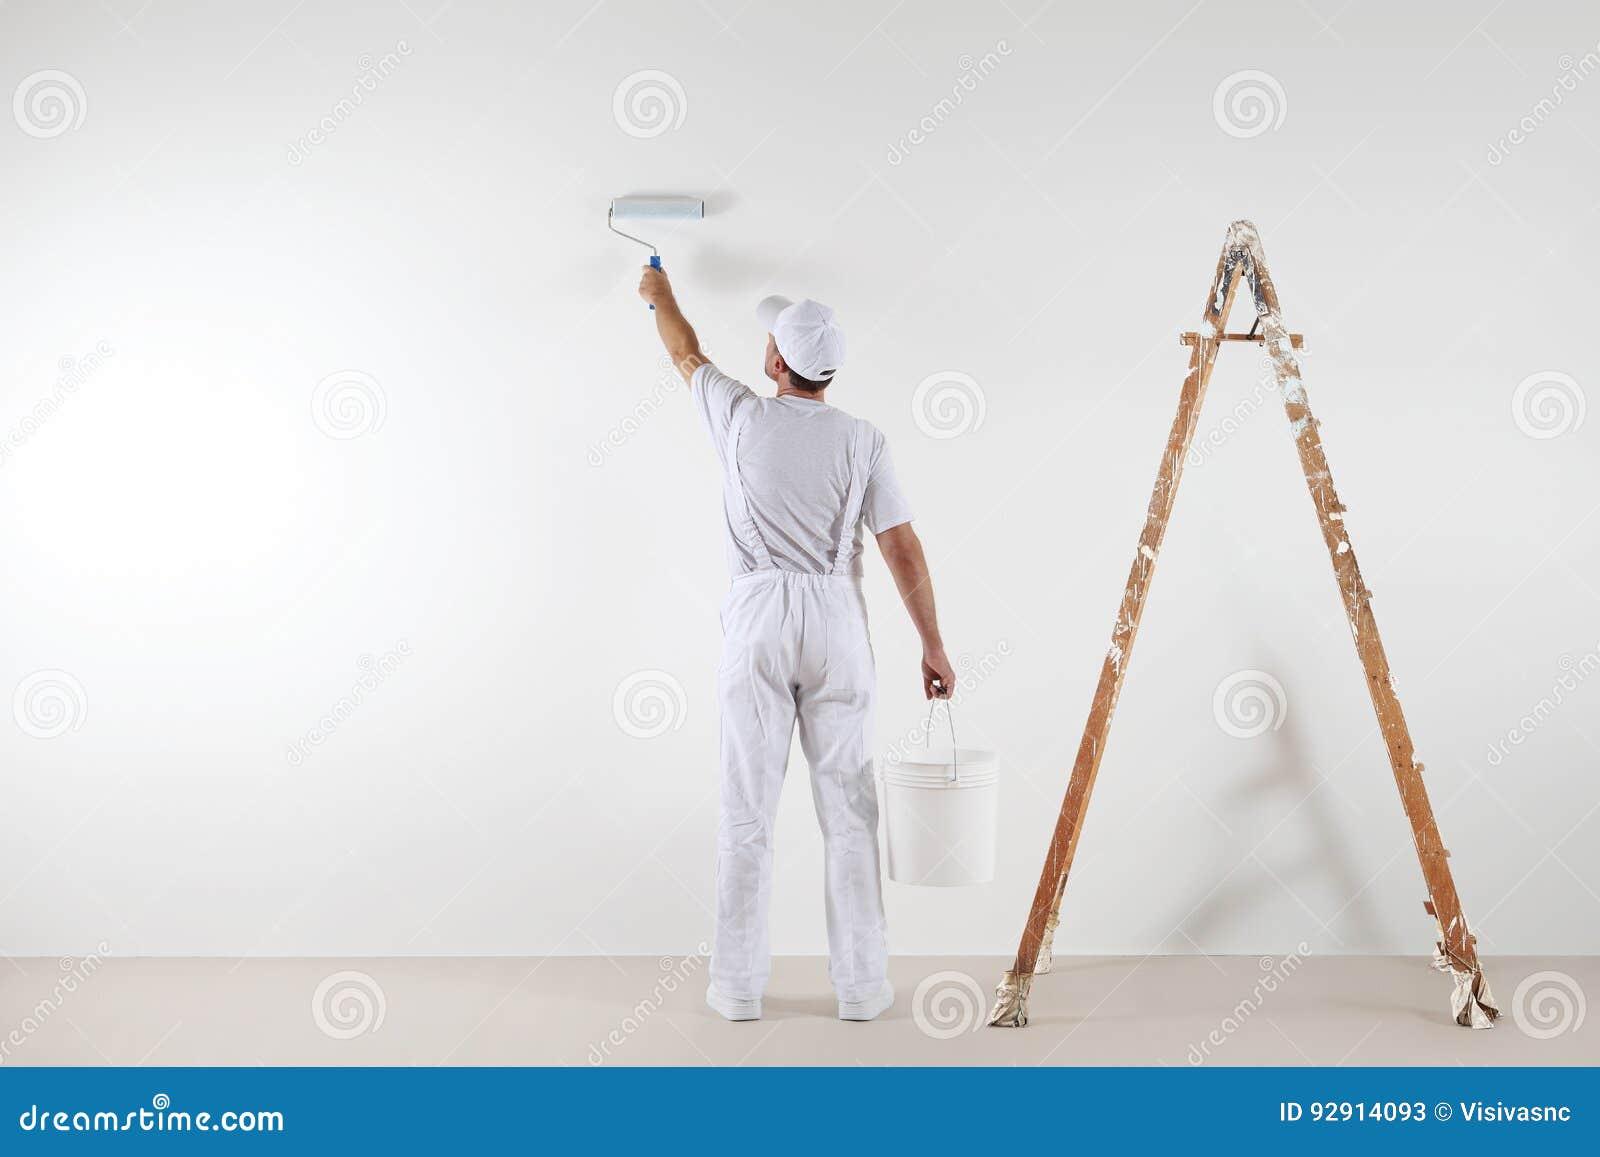 Вид сзади человека художника крася стену, с роликом краски